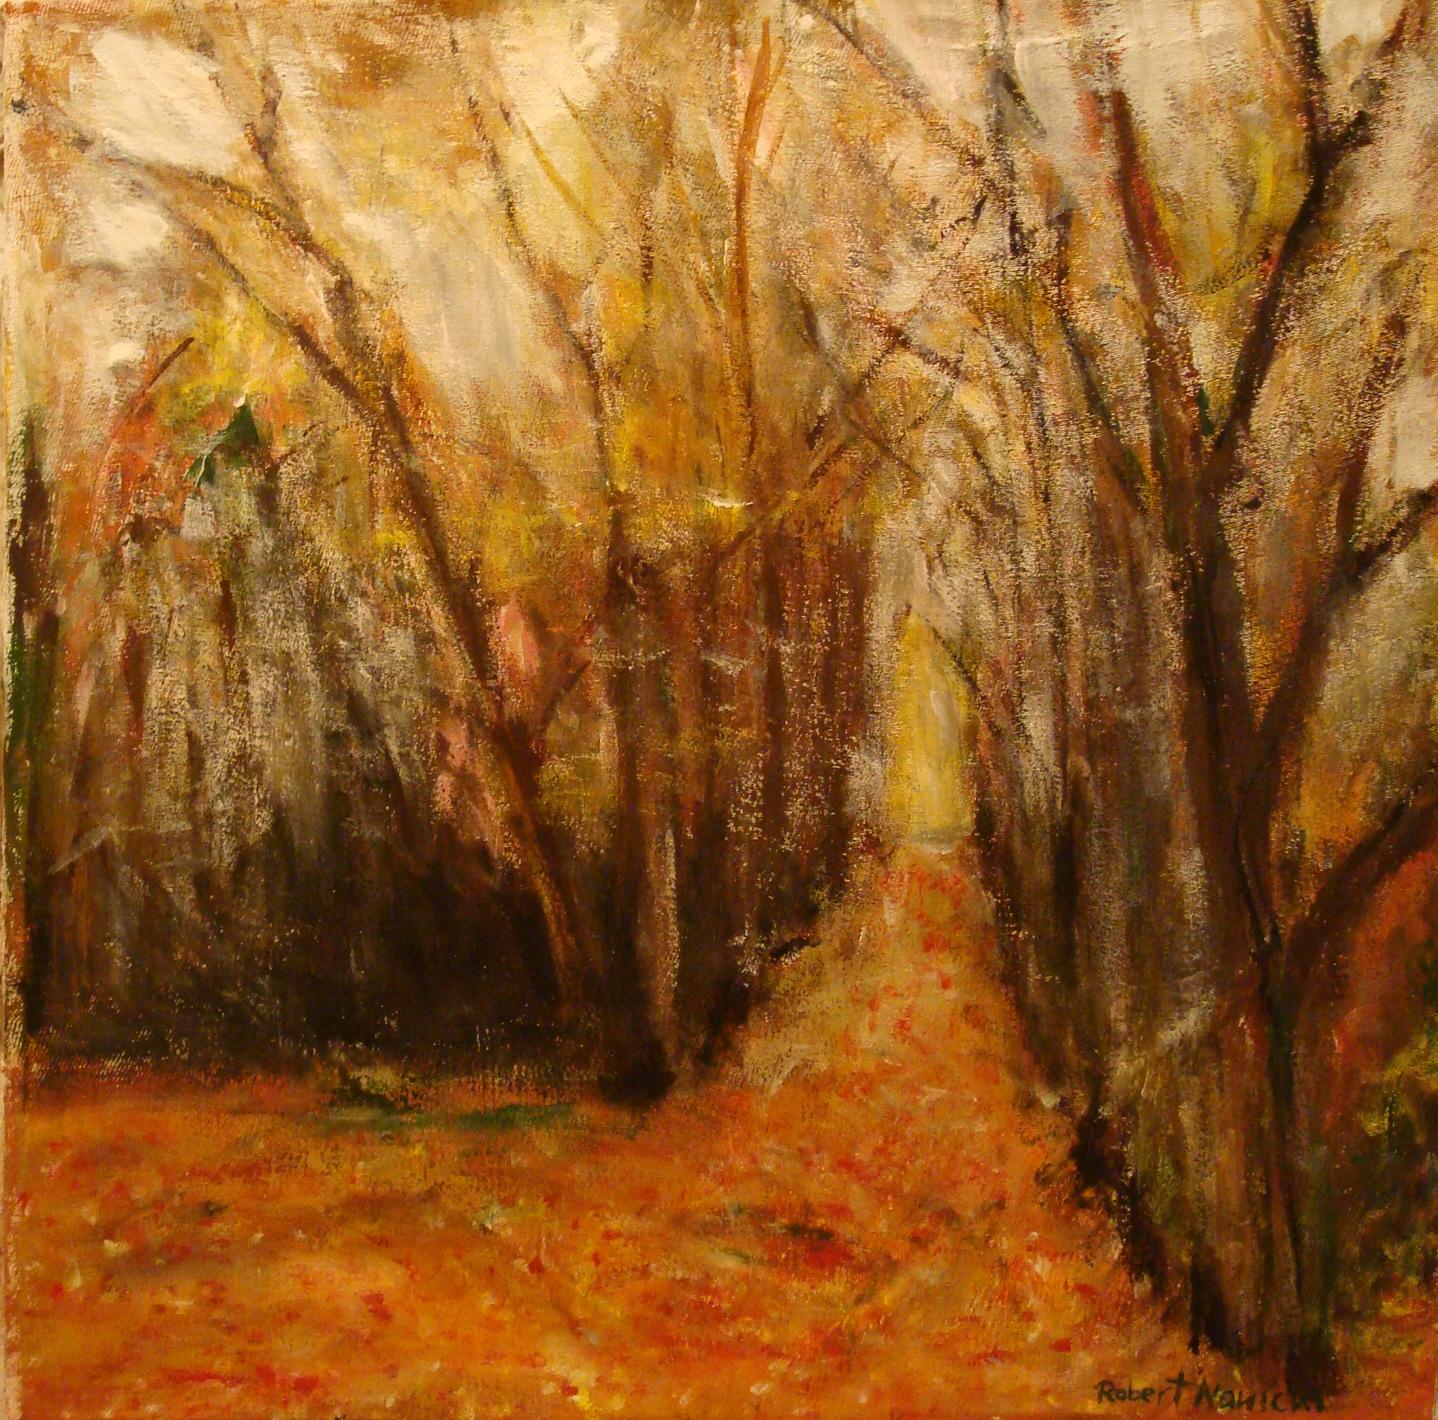 Autumn acrylic on canvas